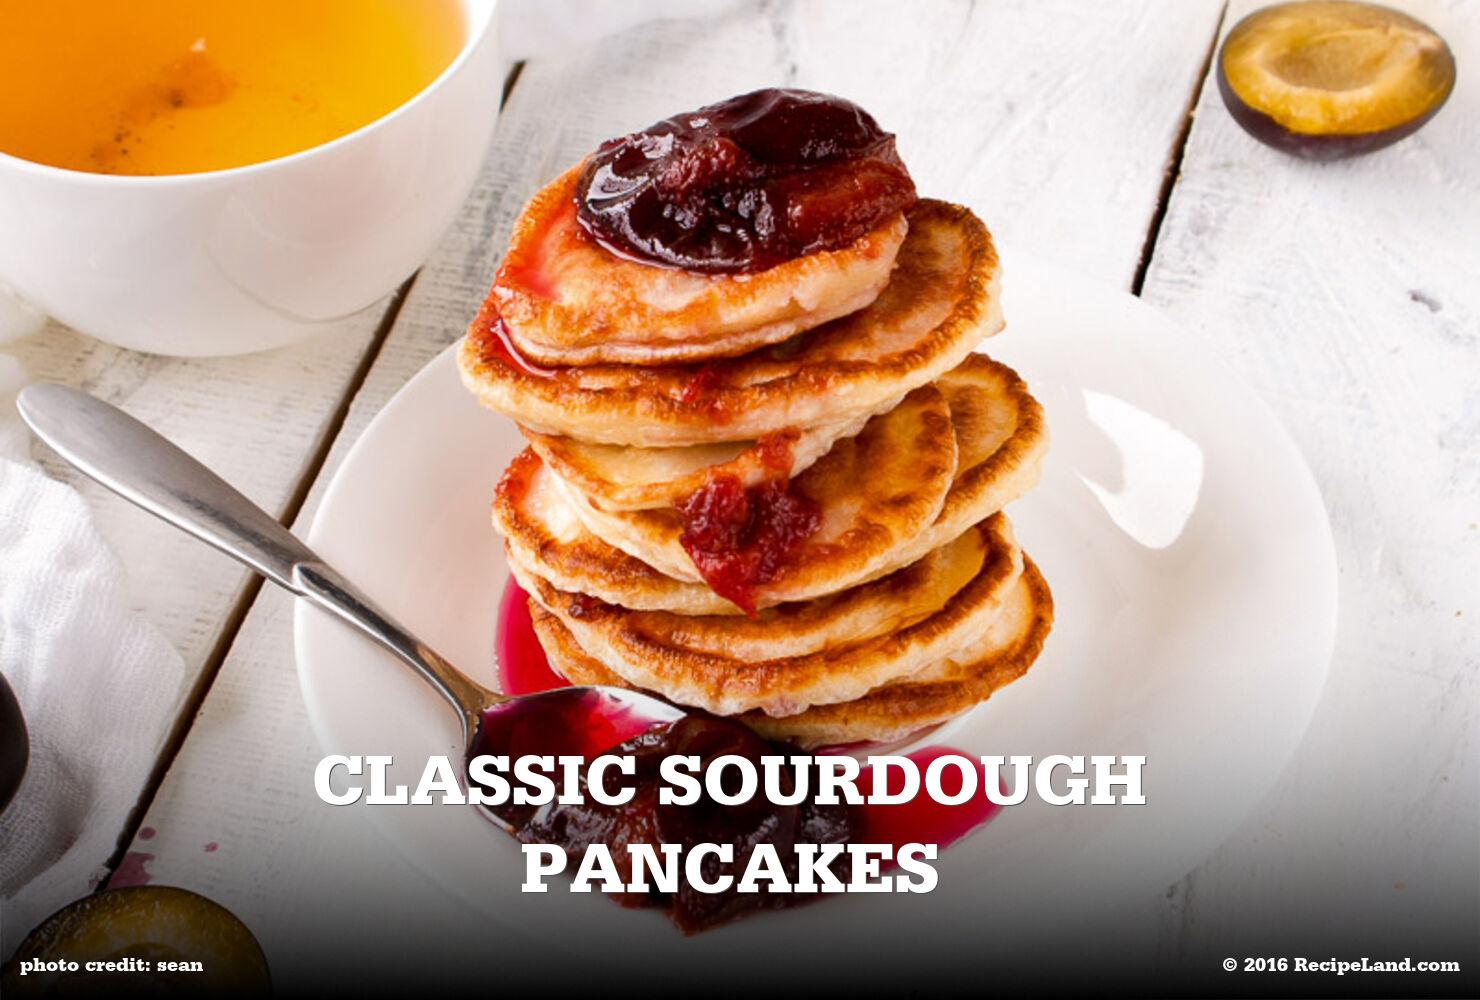 Classic Sourdough Pancakes